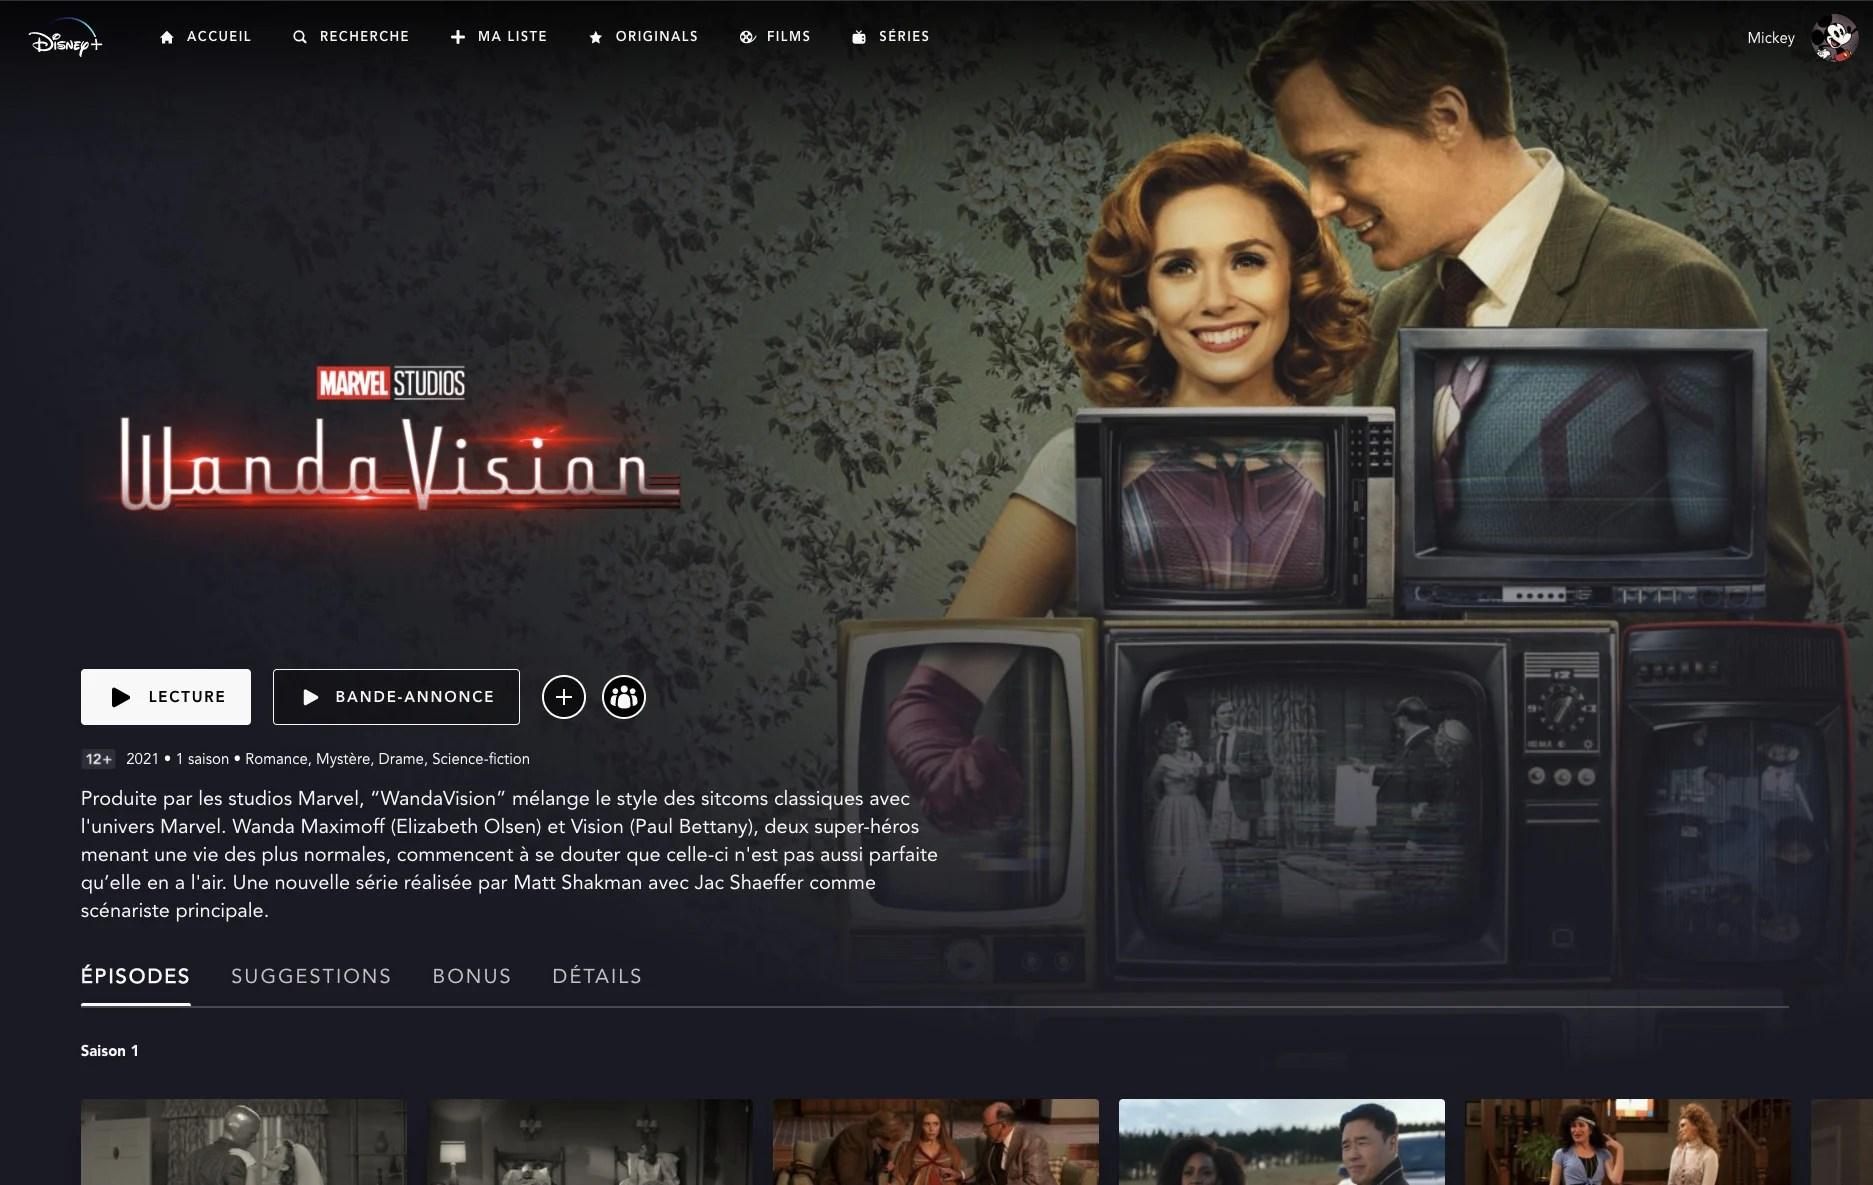 Disney+ passe la barre des 100 millions d'abonnés, contre 200 pour Netflix